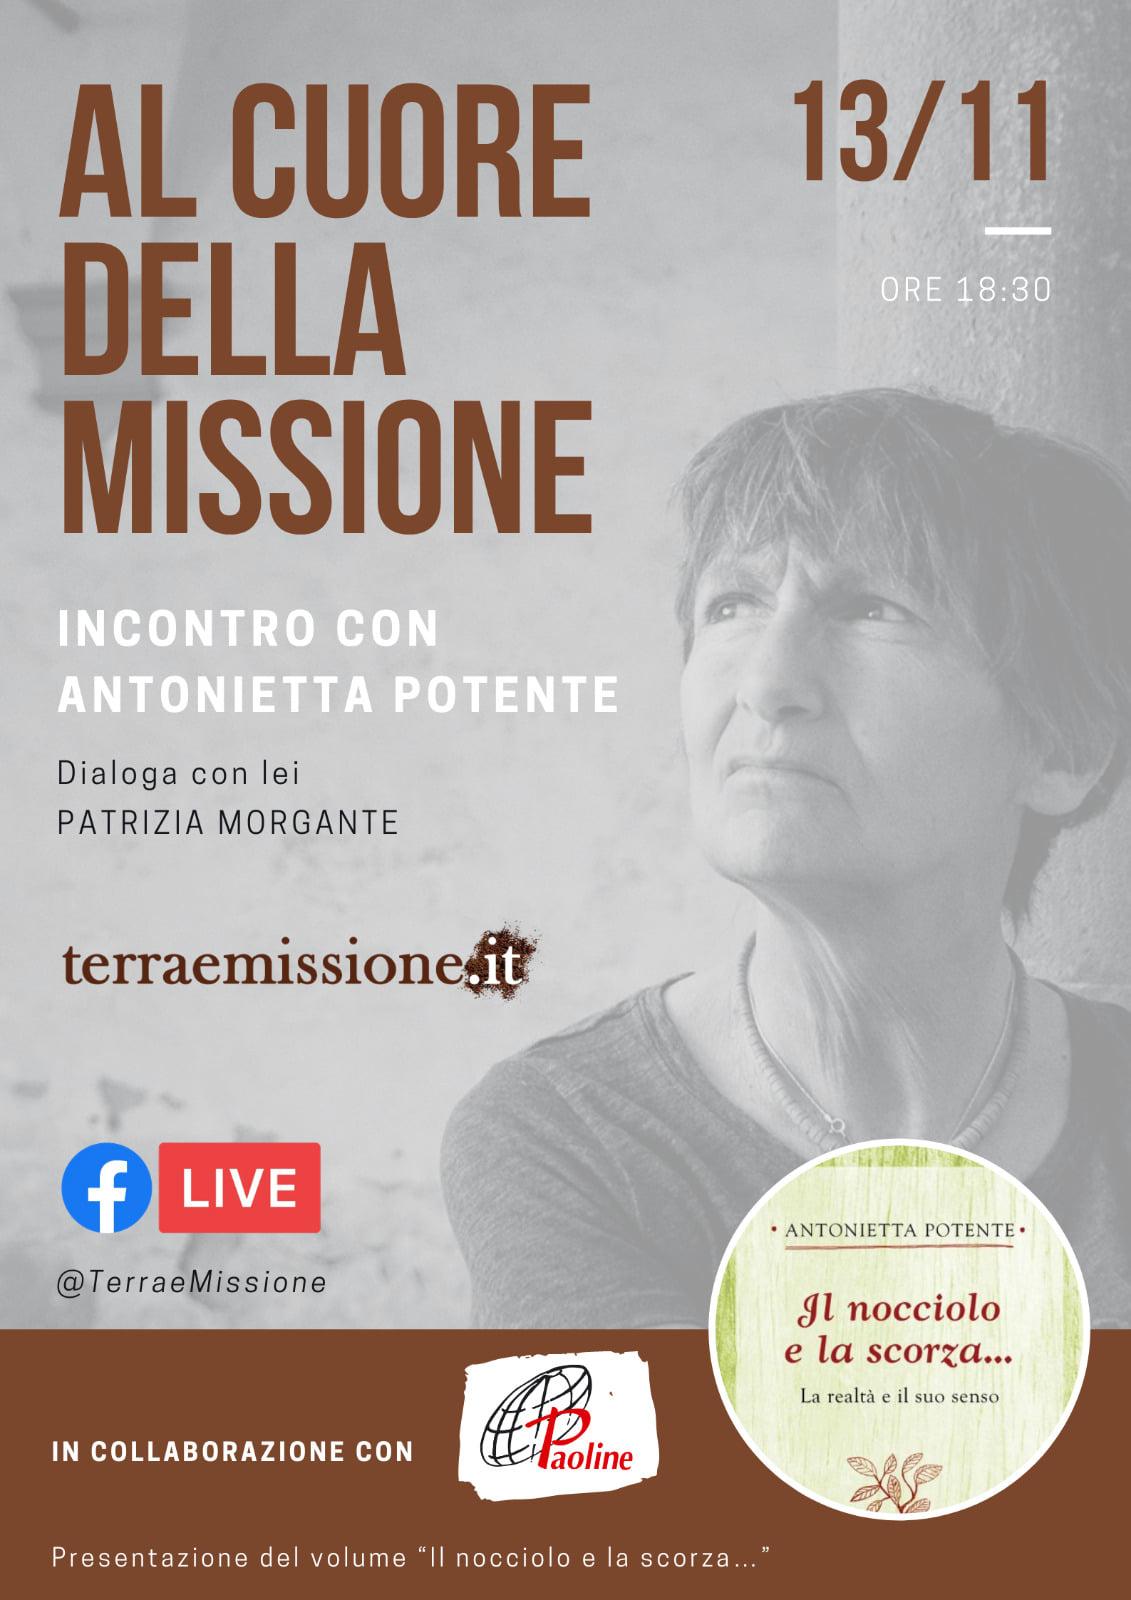 13.11.2020, ONLINE: AL CUORE DELLA MISSIONE - Incontro con Antonietta Potente